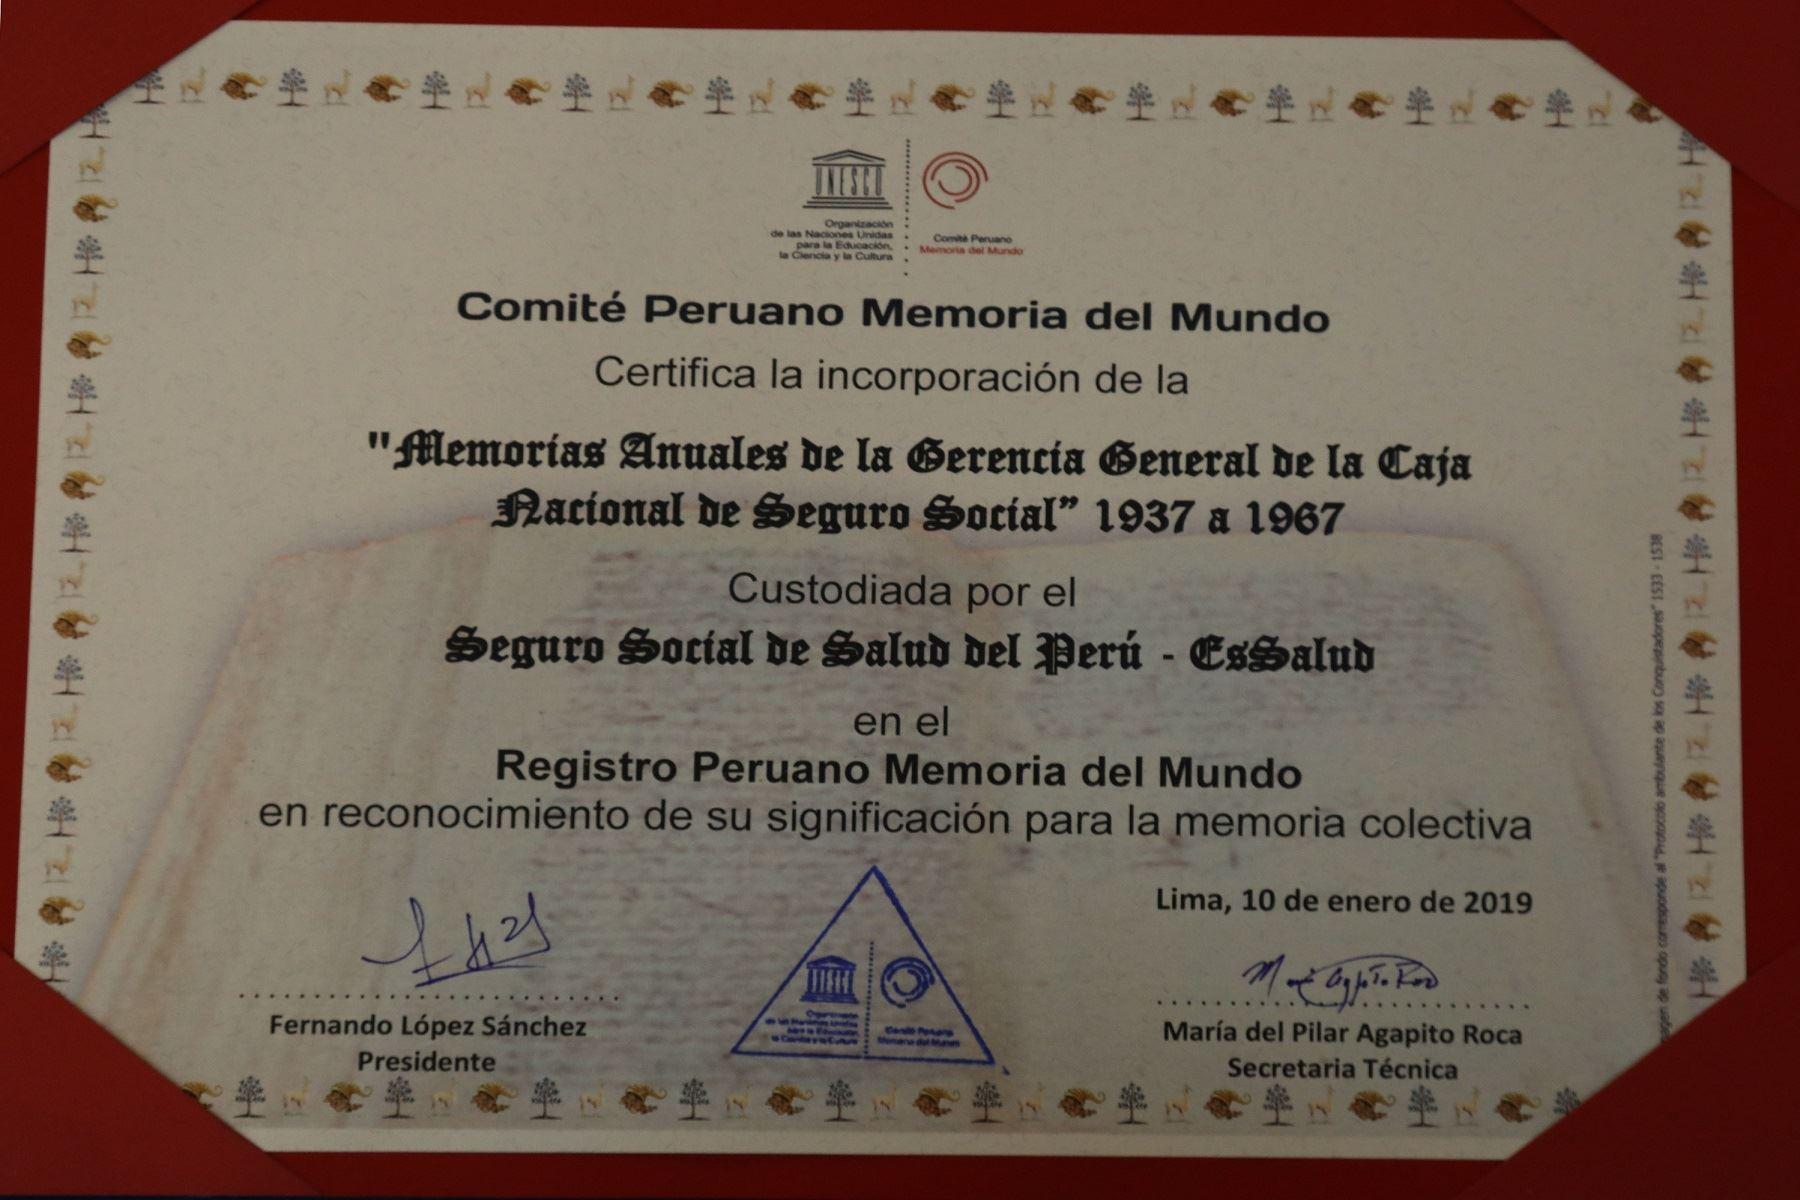 Memorias anuales del Seguro Social son patrimonio documental de la Unesco Foto: Essalud